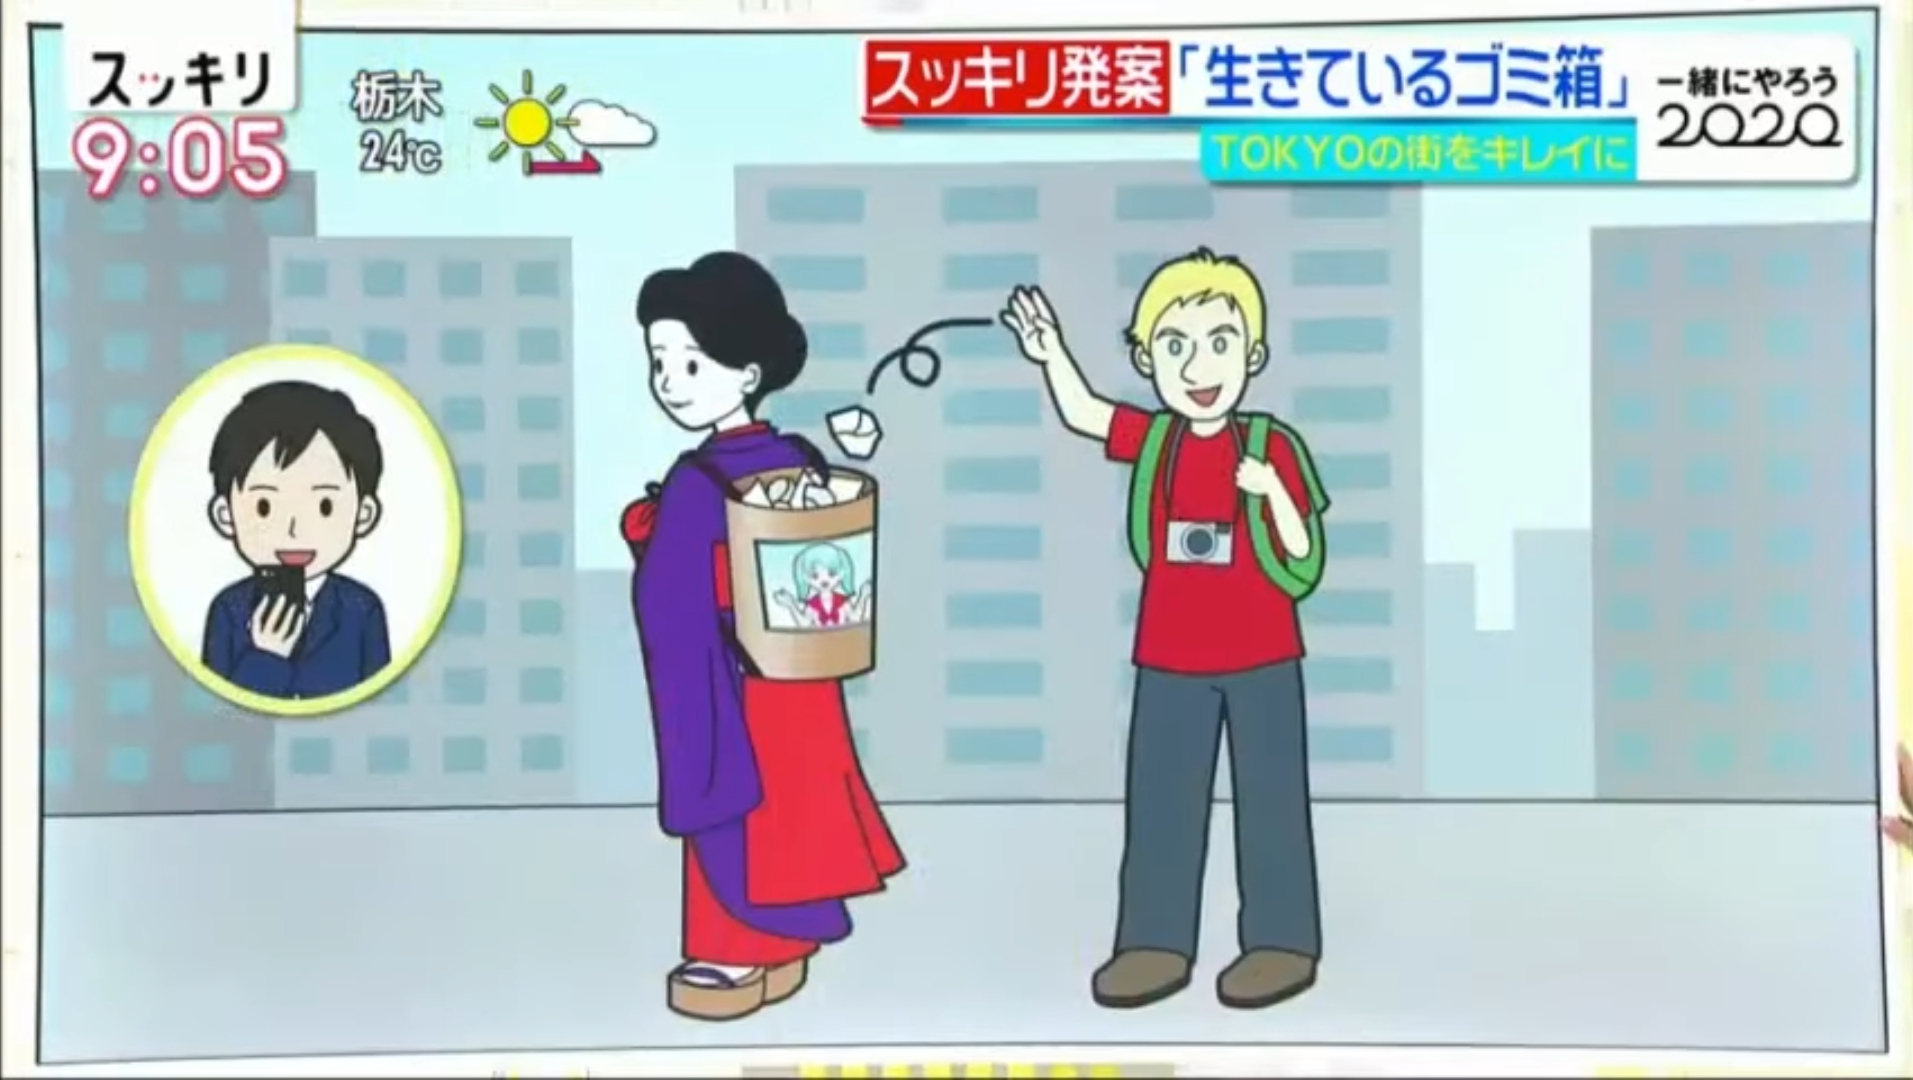 【テレビ】スッキリ「東京五輪では女性を『生きているゴミ箱』にしよう!」